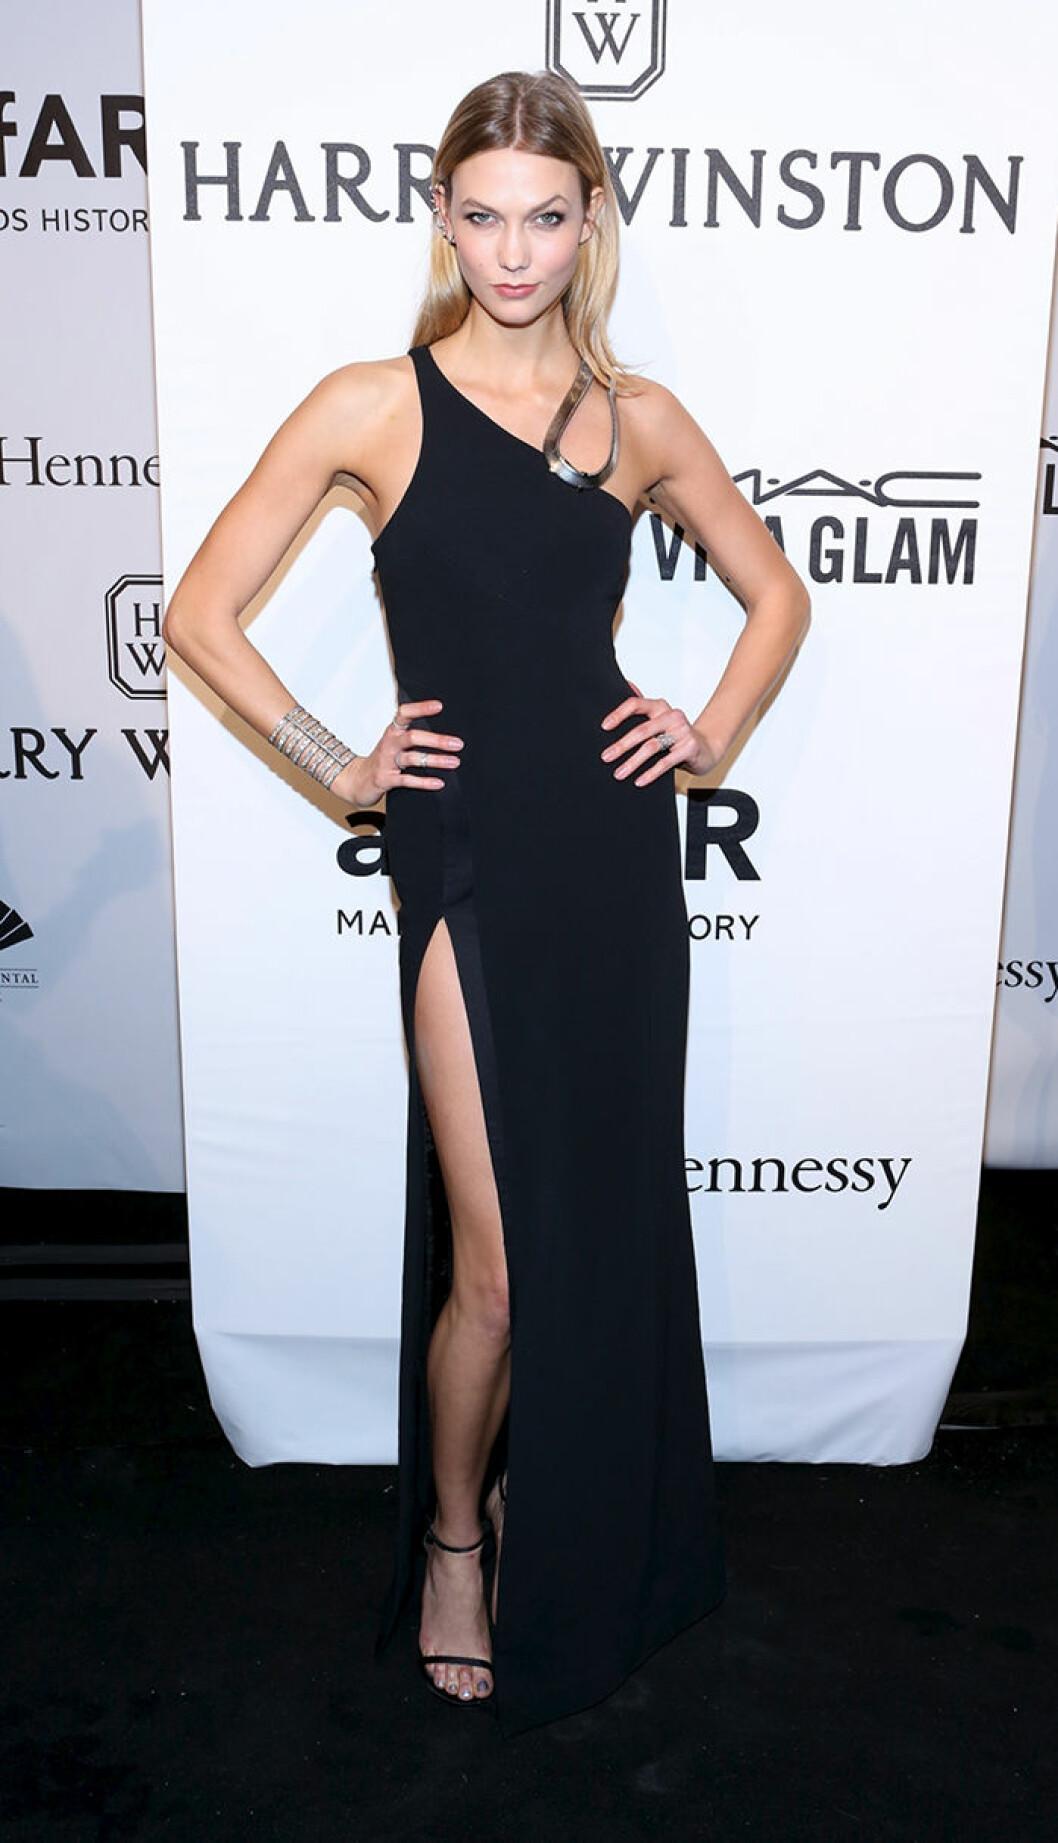 Karlie Kloss seen attending the 2015 amfAR New York Gala at Cipriani Wall Street